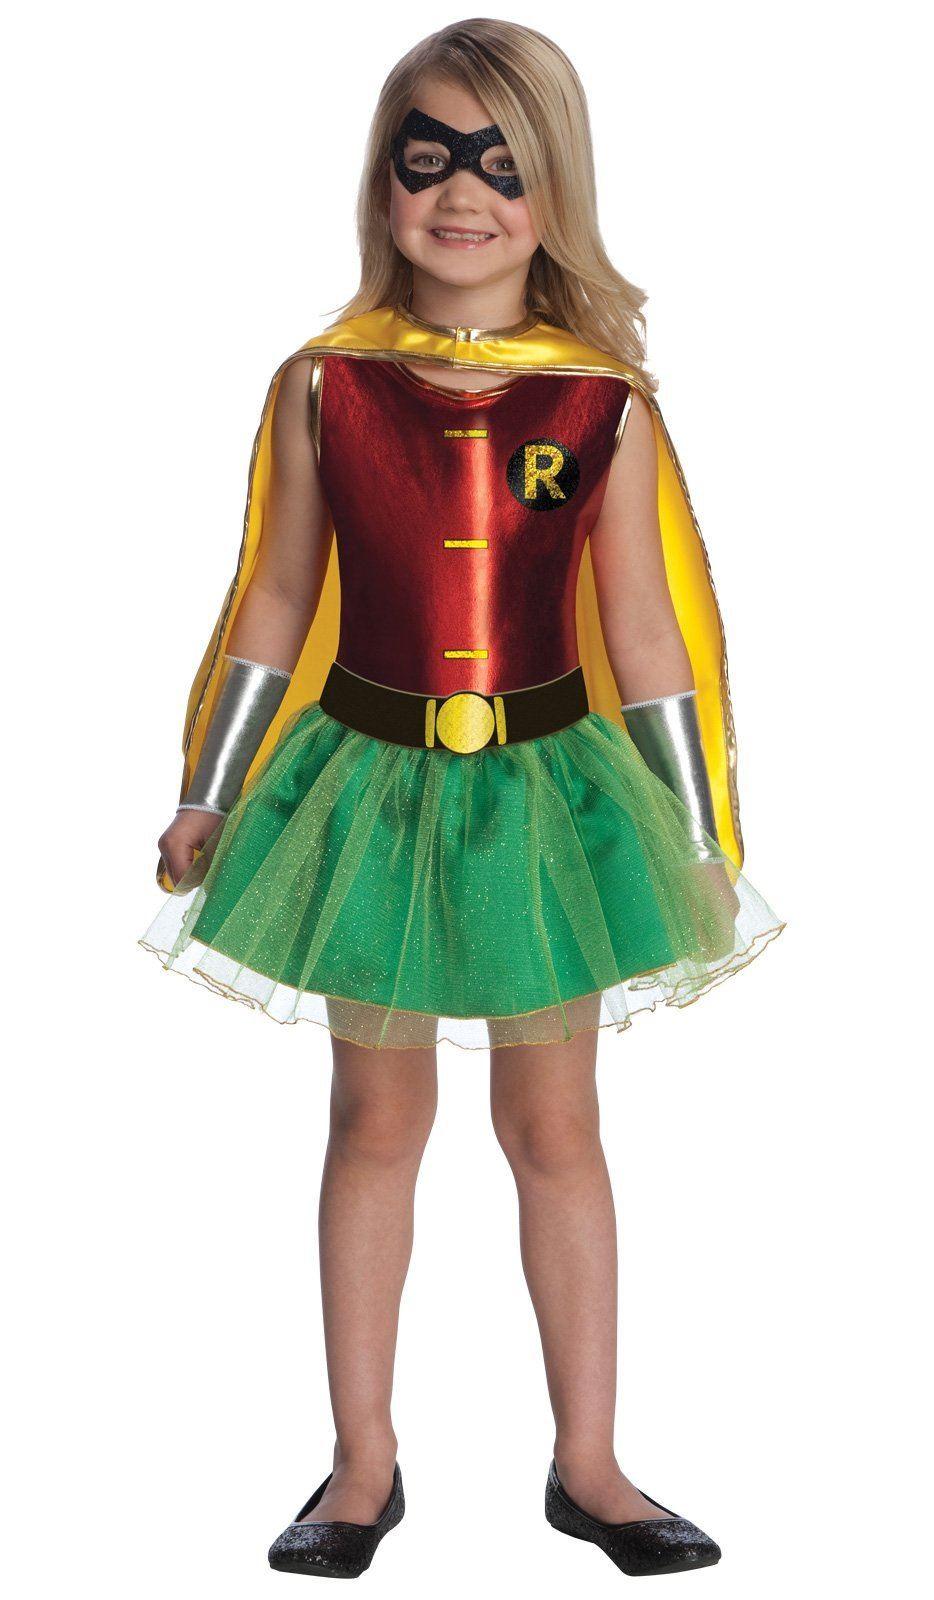 kids robin girl costume the costume land. Black Bedroom Furniture Sets. Home Design Ideas